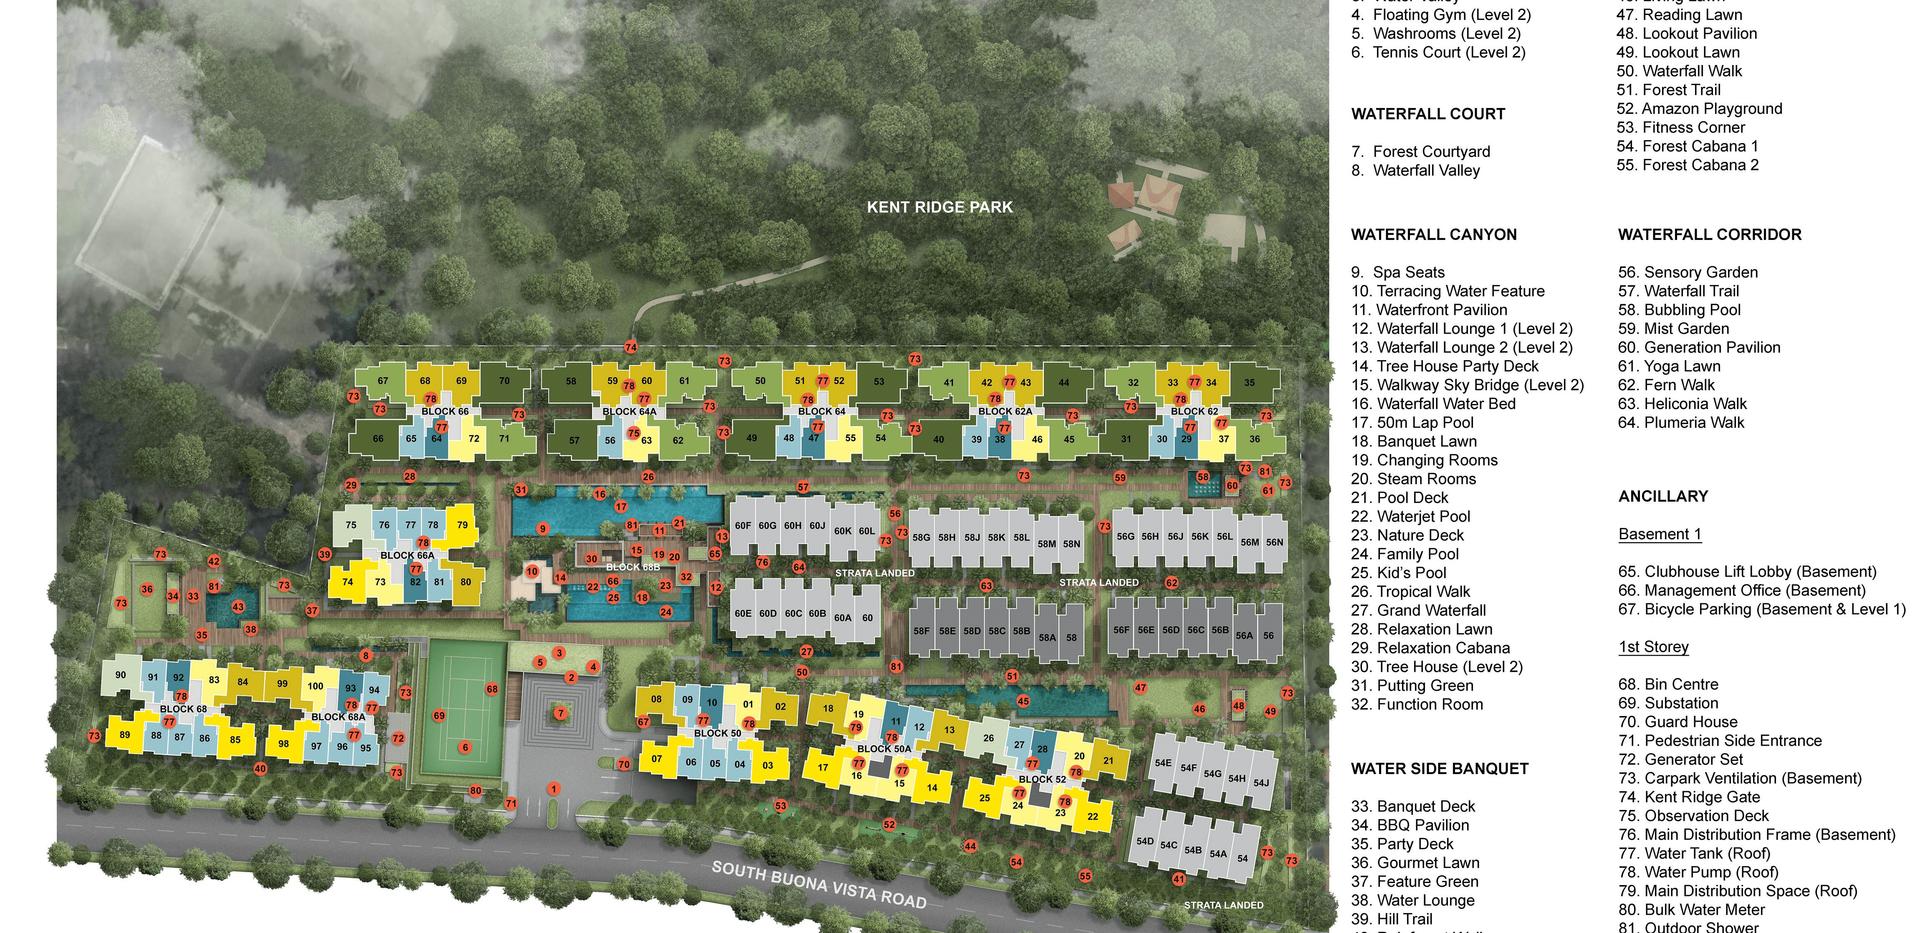 KRH - Site Plan OT-min.png